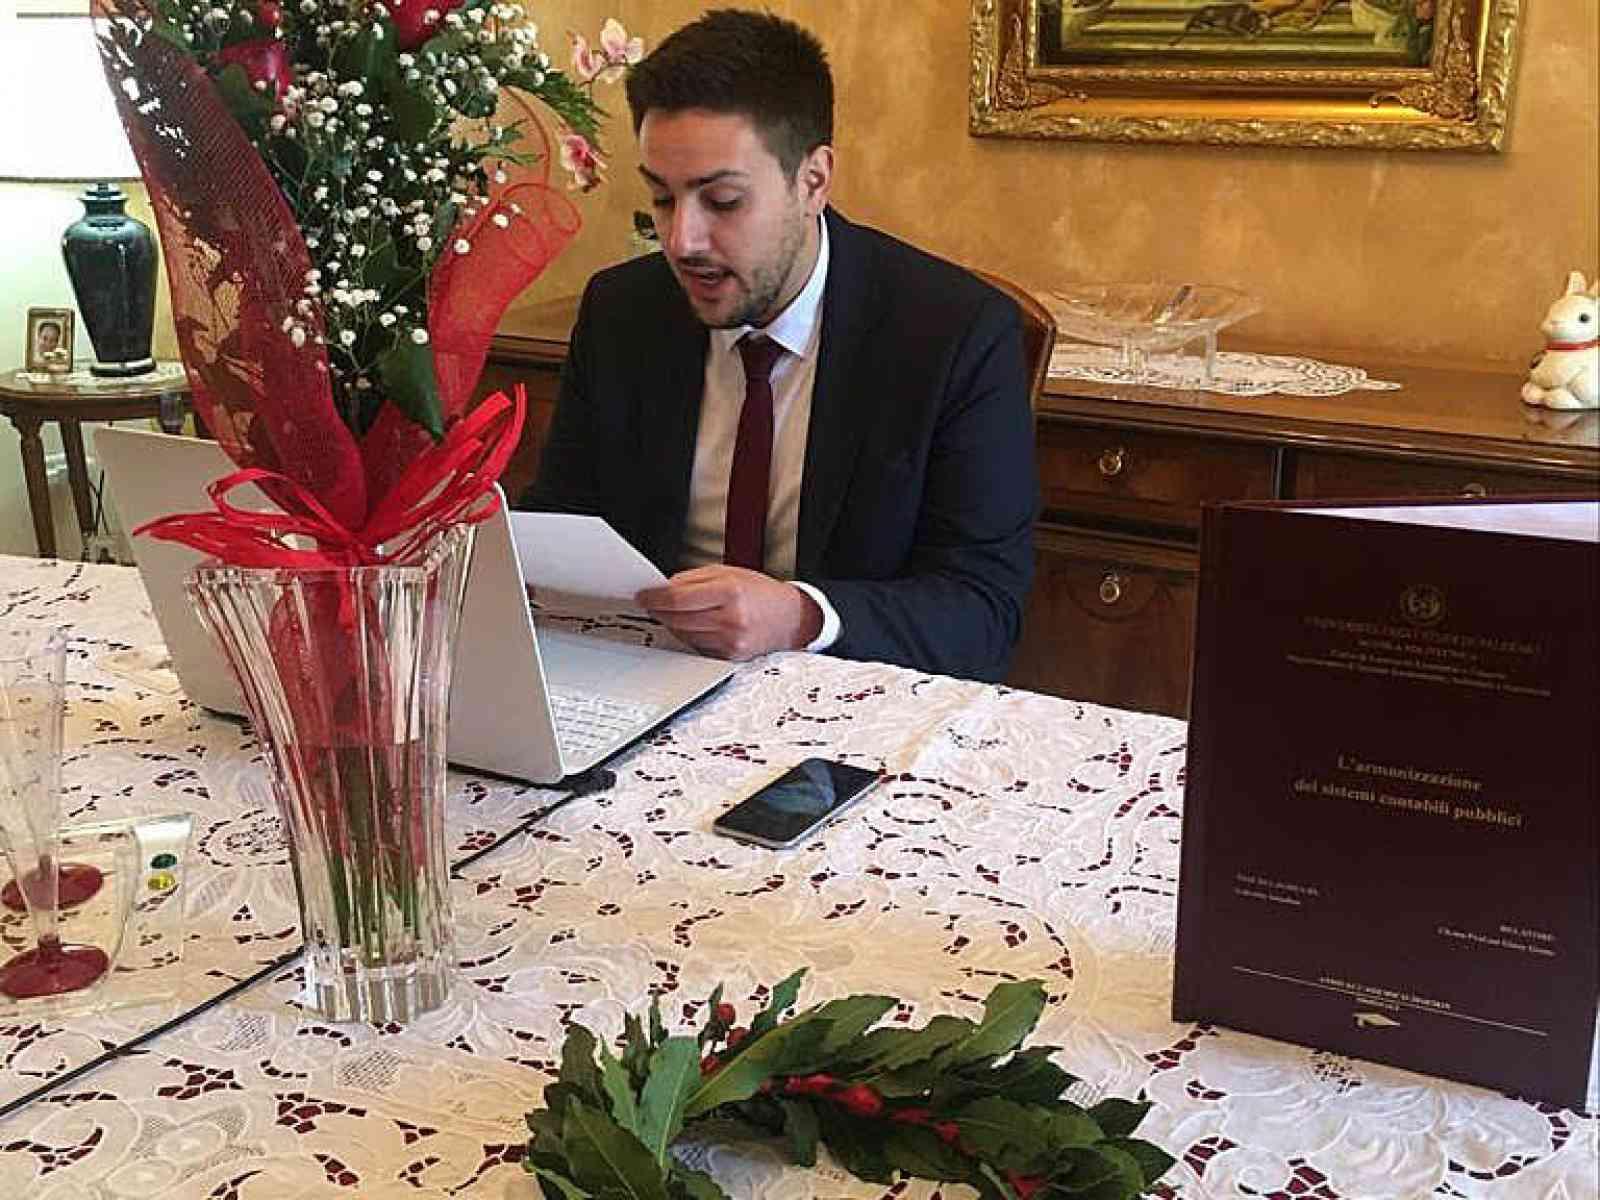 """Immagine articolo: Da Montevago a Palermo. Discussione """"virtuale"""" della tesi in Economia per Gabriele Saladino. """"Festa"""" via Skype con amici e parenti"""